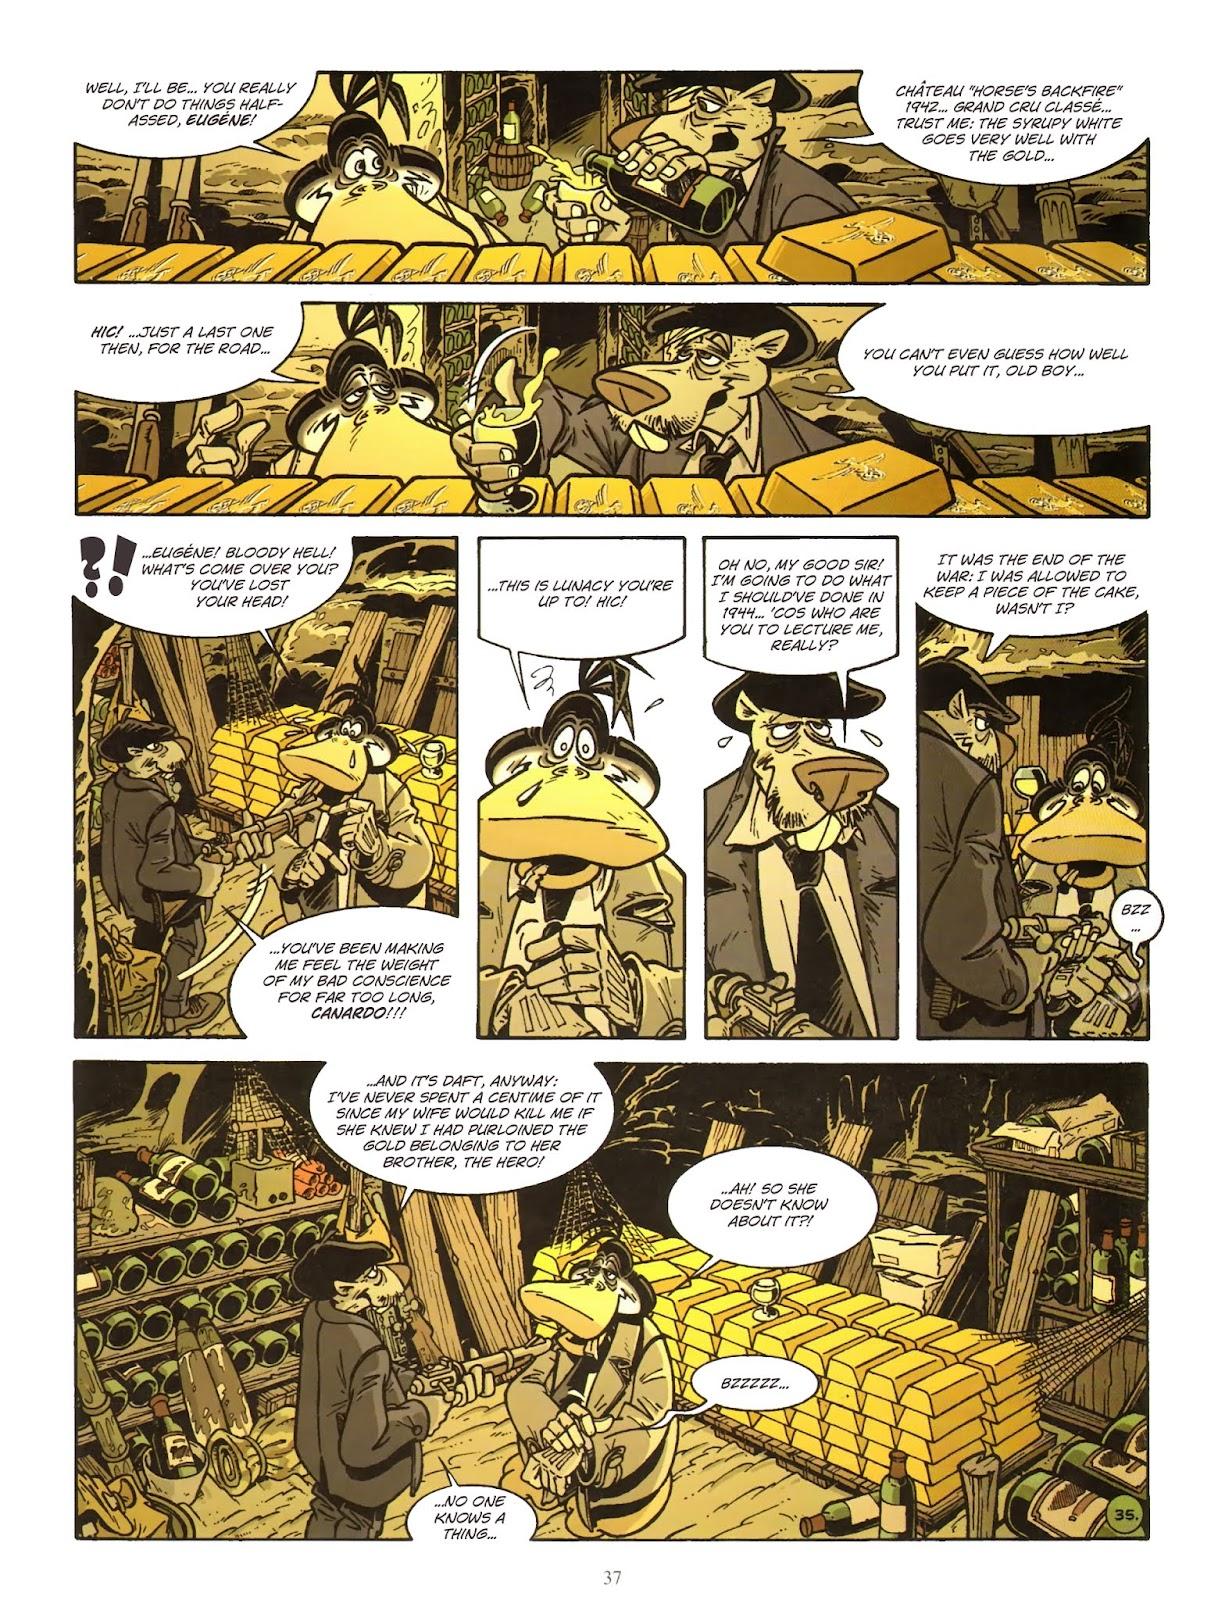 Une enquête de l'inspecteur Canardo issue 11 - Page 38